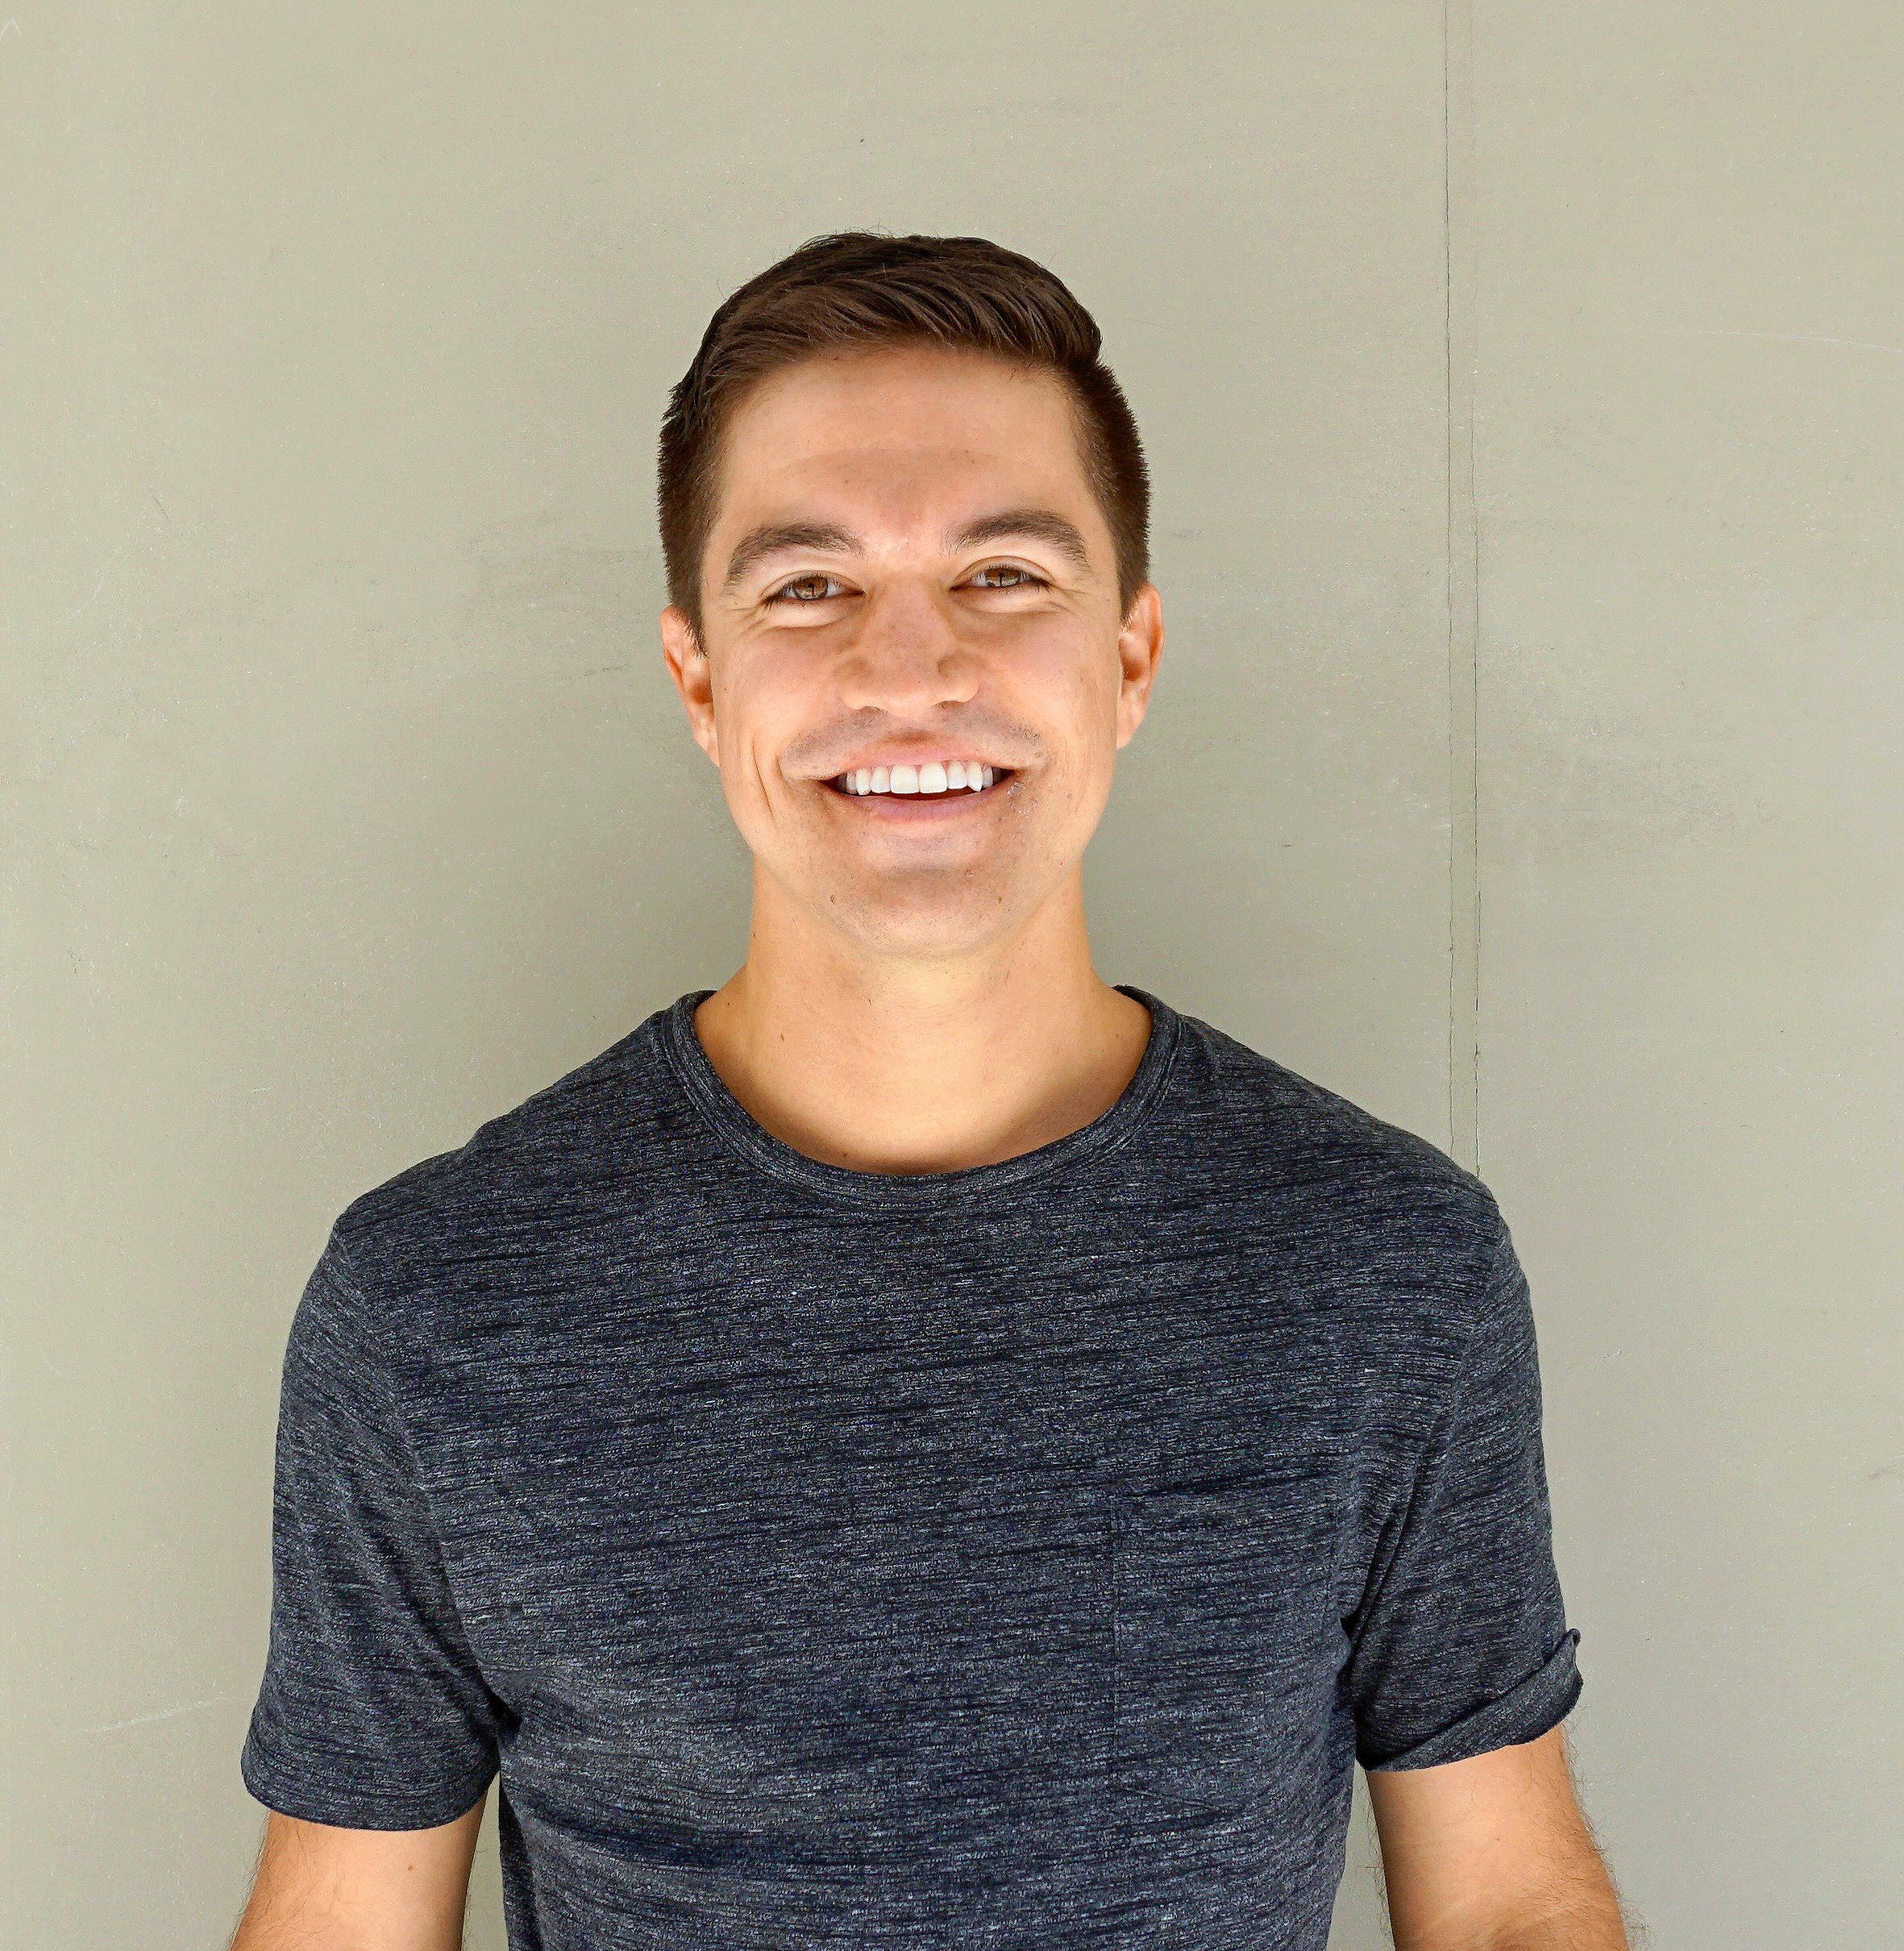 Photo of Ryan Glasgow smiling